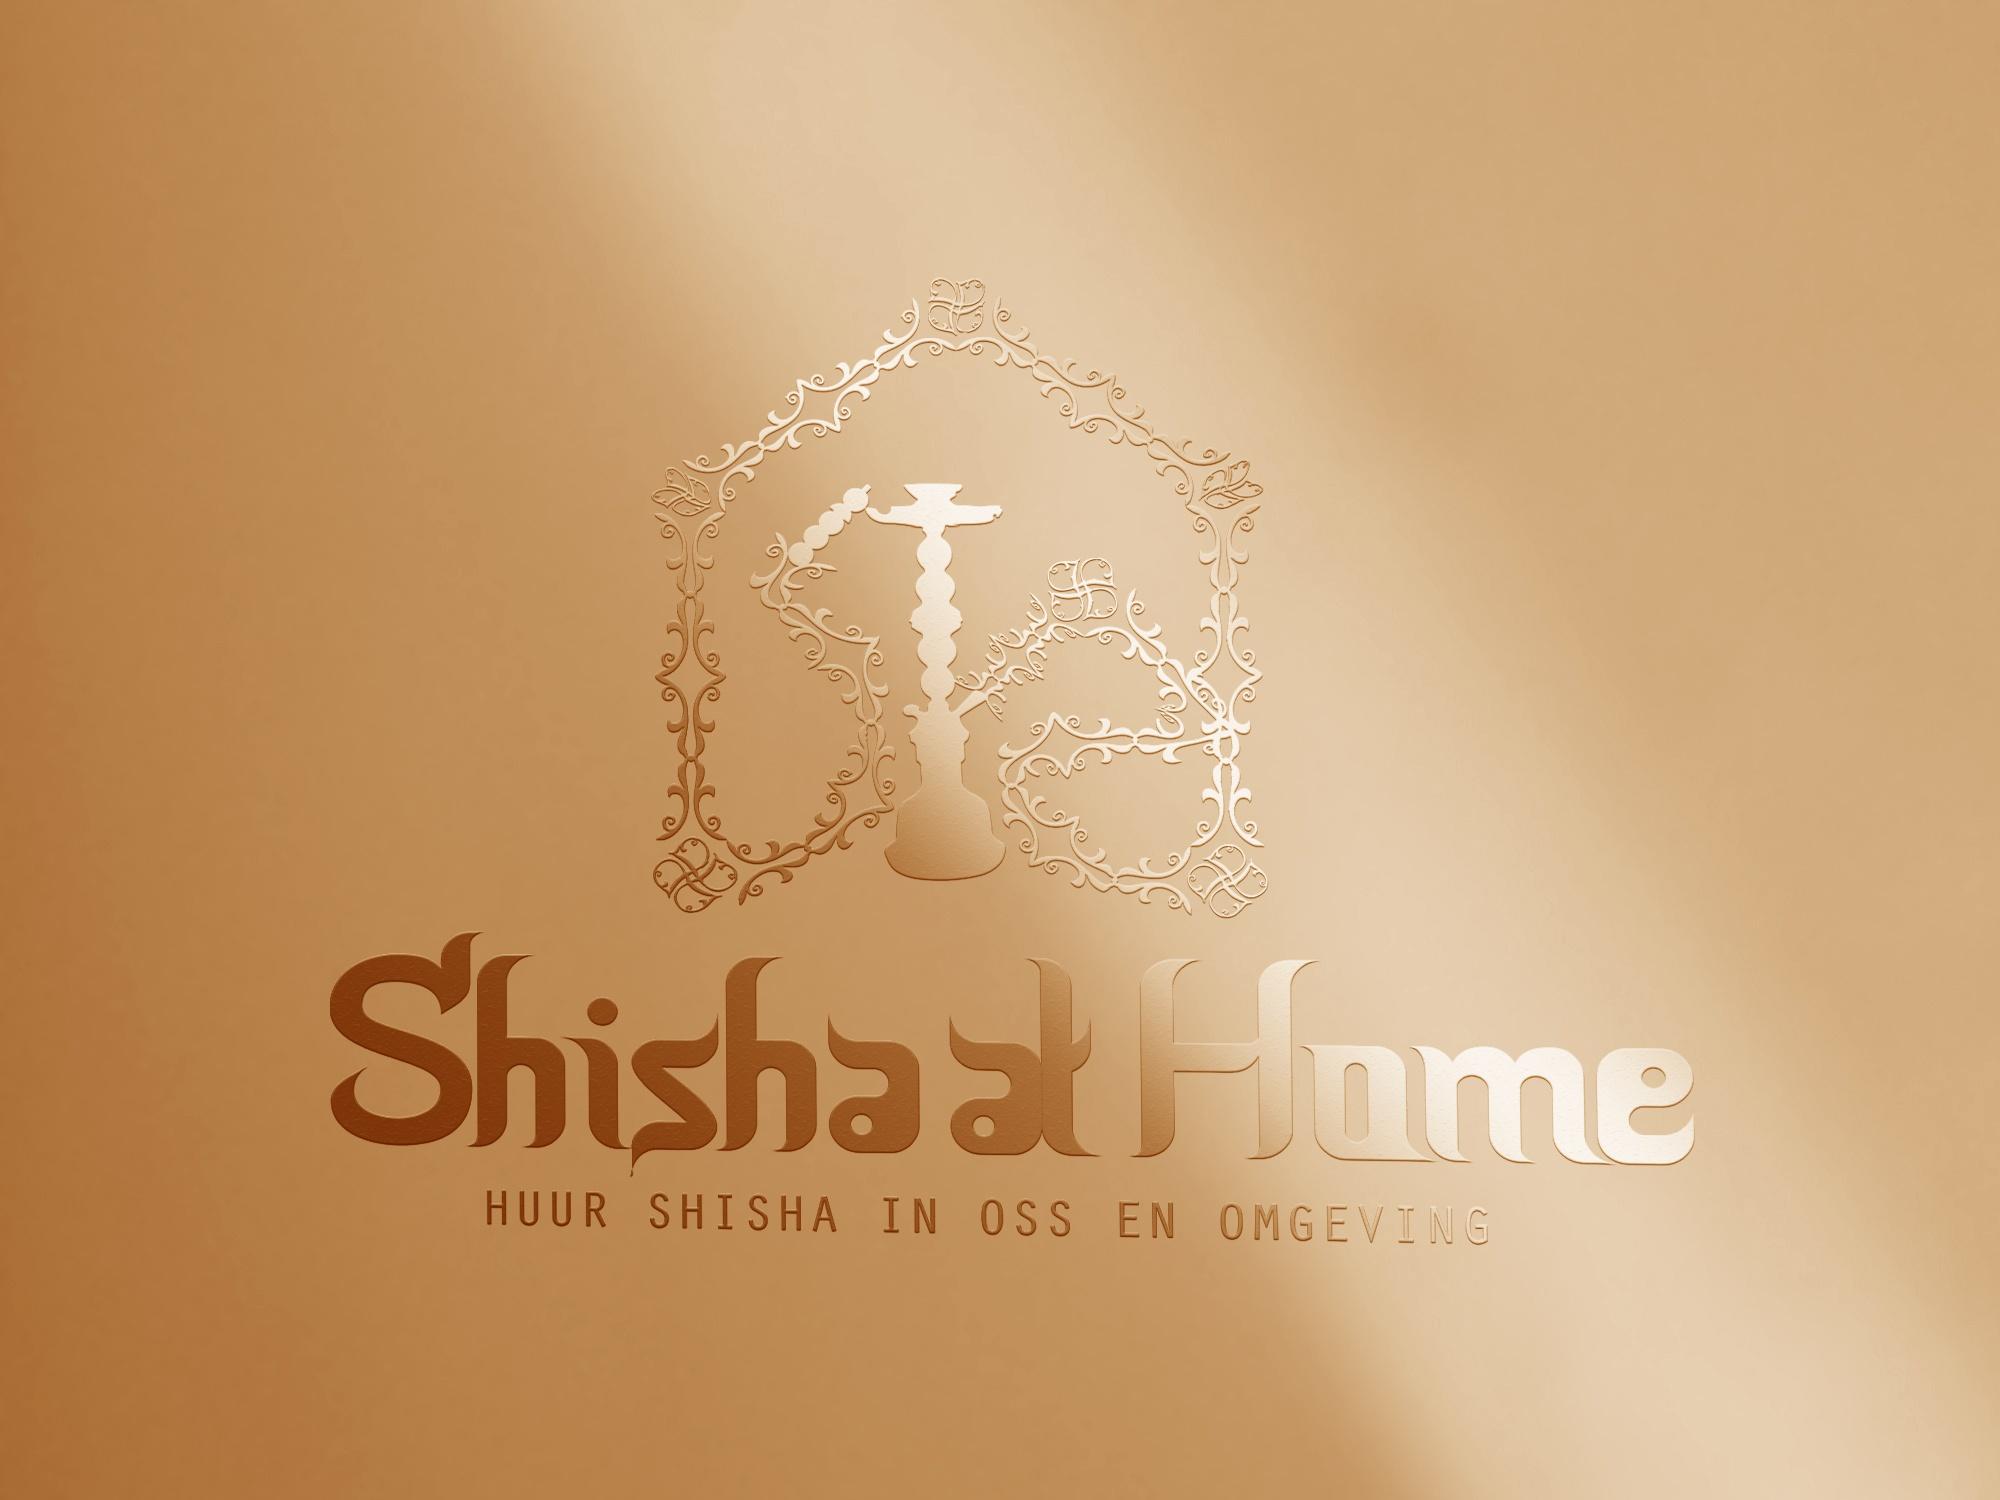 shisha-at-home-editamedia3